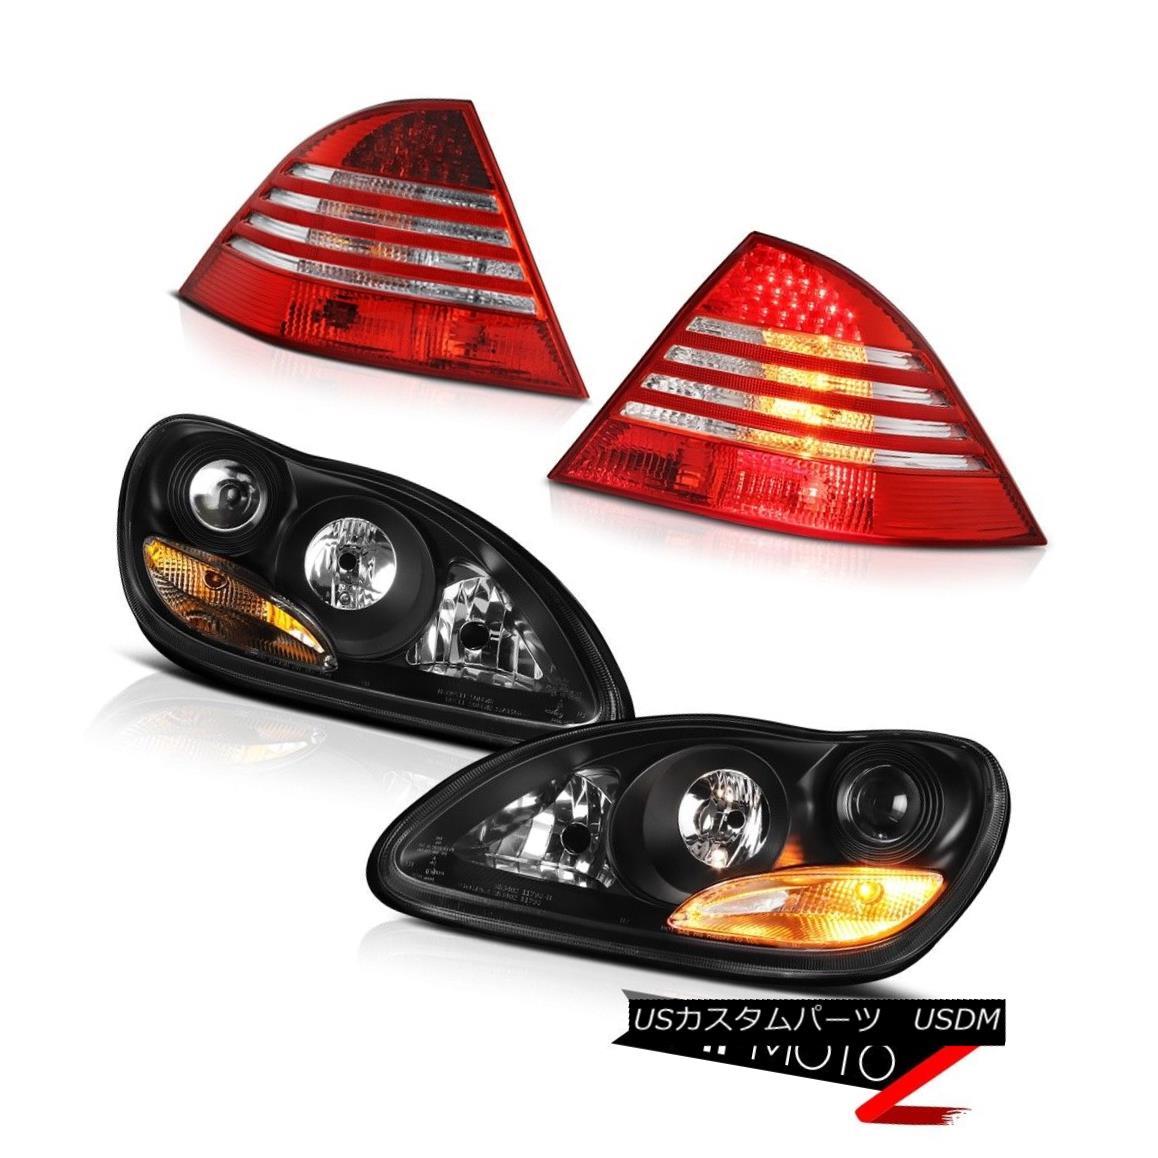 ヘッドライト 2000-2006 Mercedes Benz S430 S500 W220 S-Class Black Headlights LED Tail Lights 2000-2006メルセデスベンツS430 S500 W220 SクラスブラックヘッドライトLEDテールライト